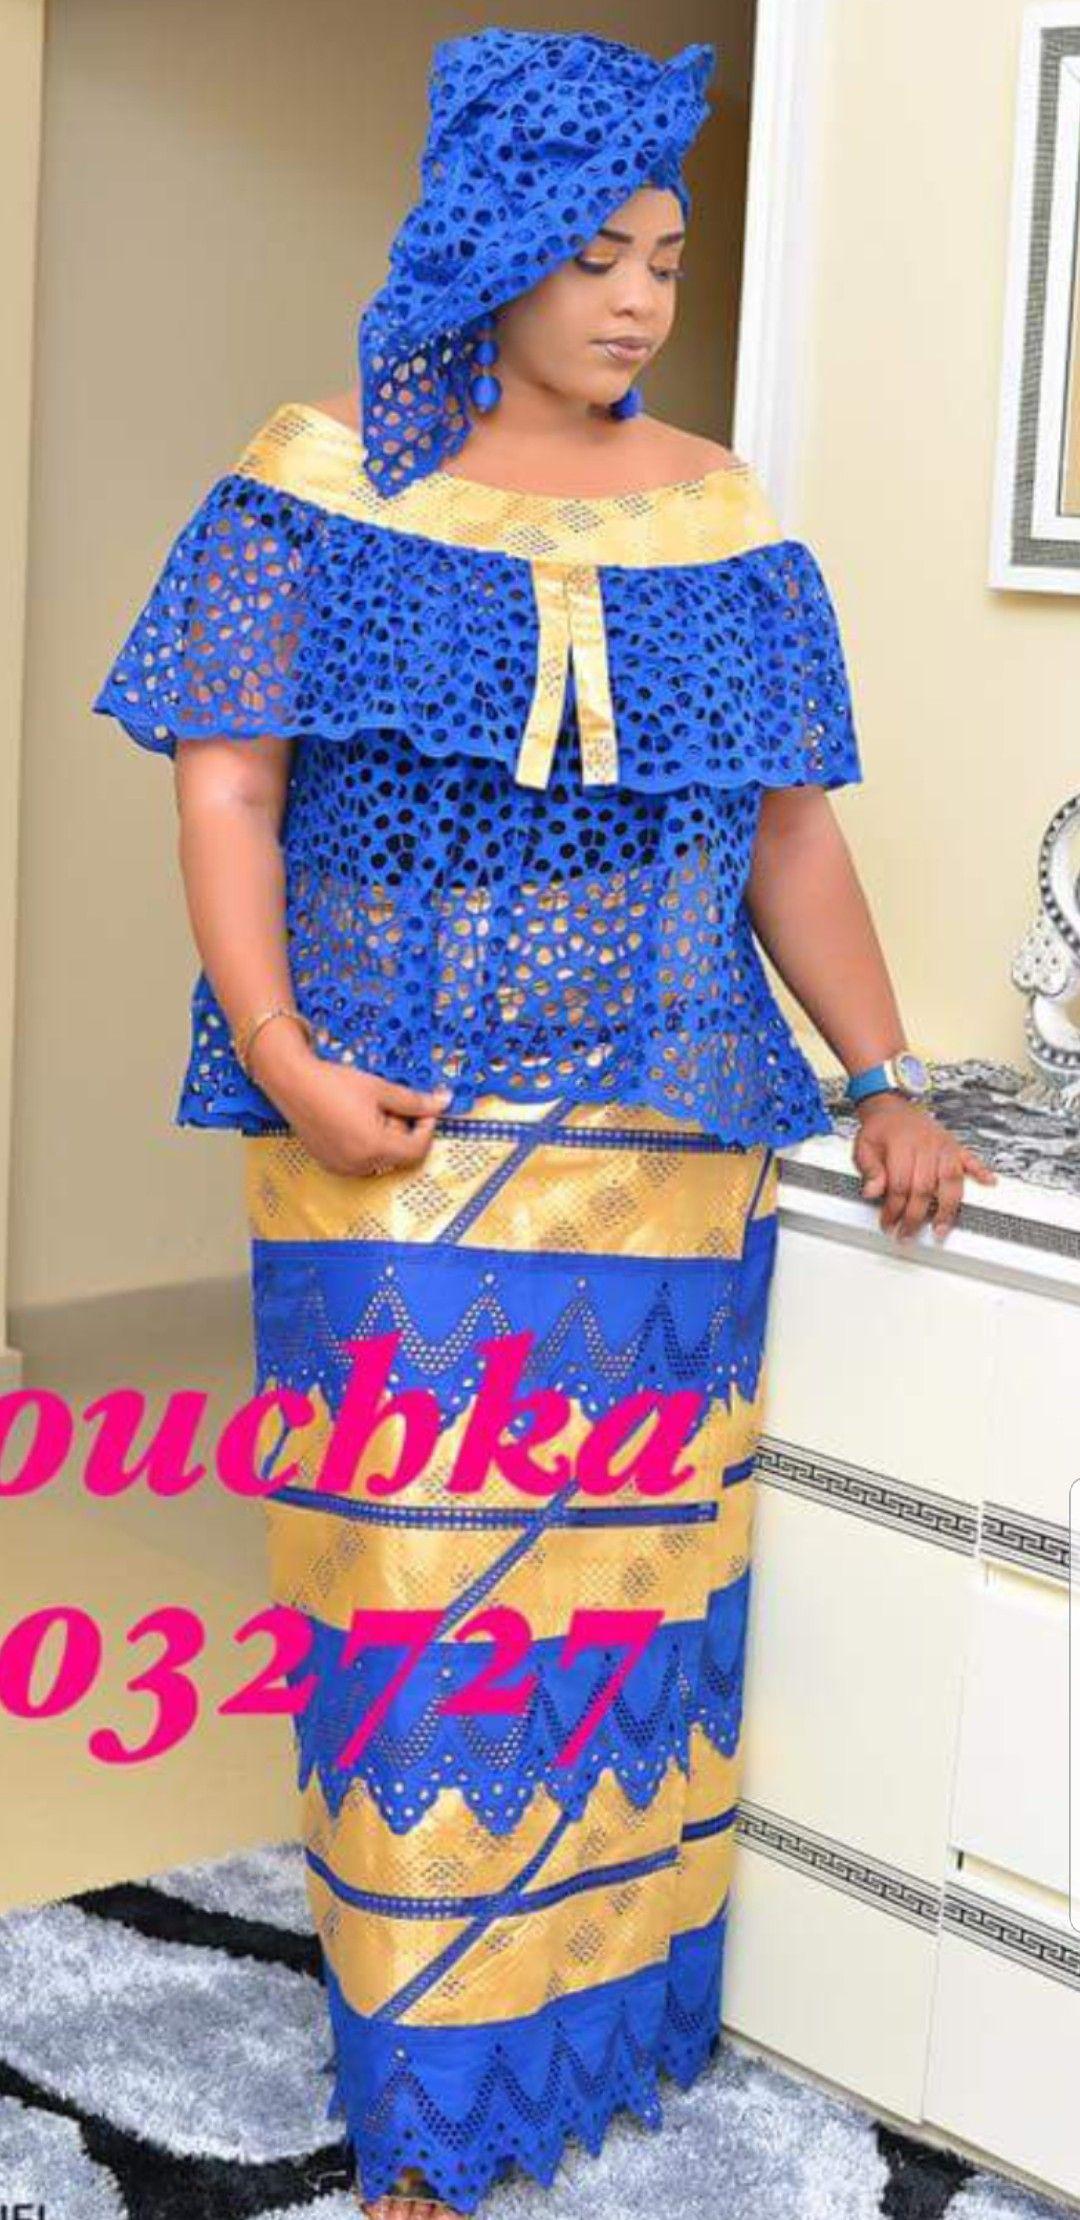 Épinglé par aminata ndao sur Senegalese dreams3   Tenue africaine, Mode africaine, Modele tenue ...